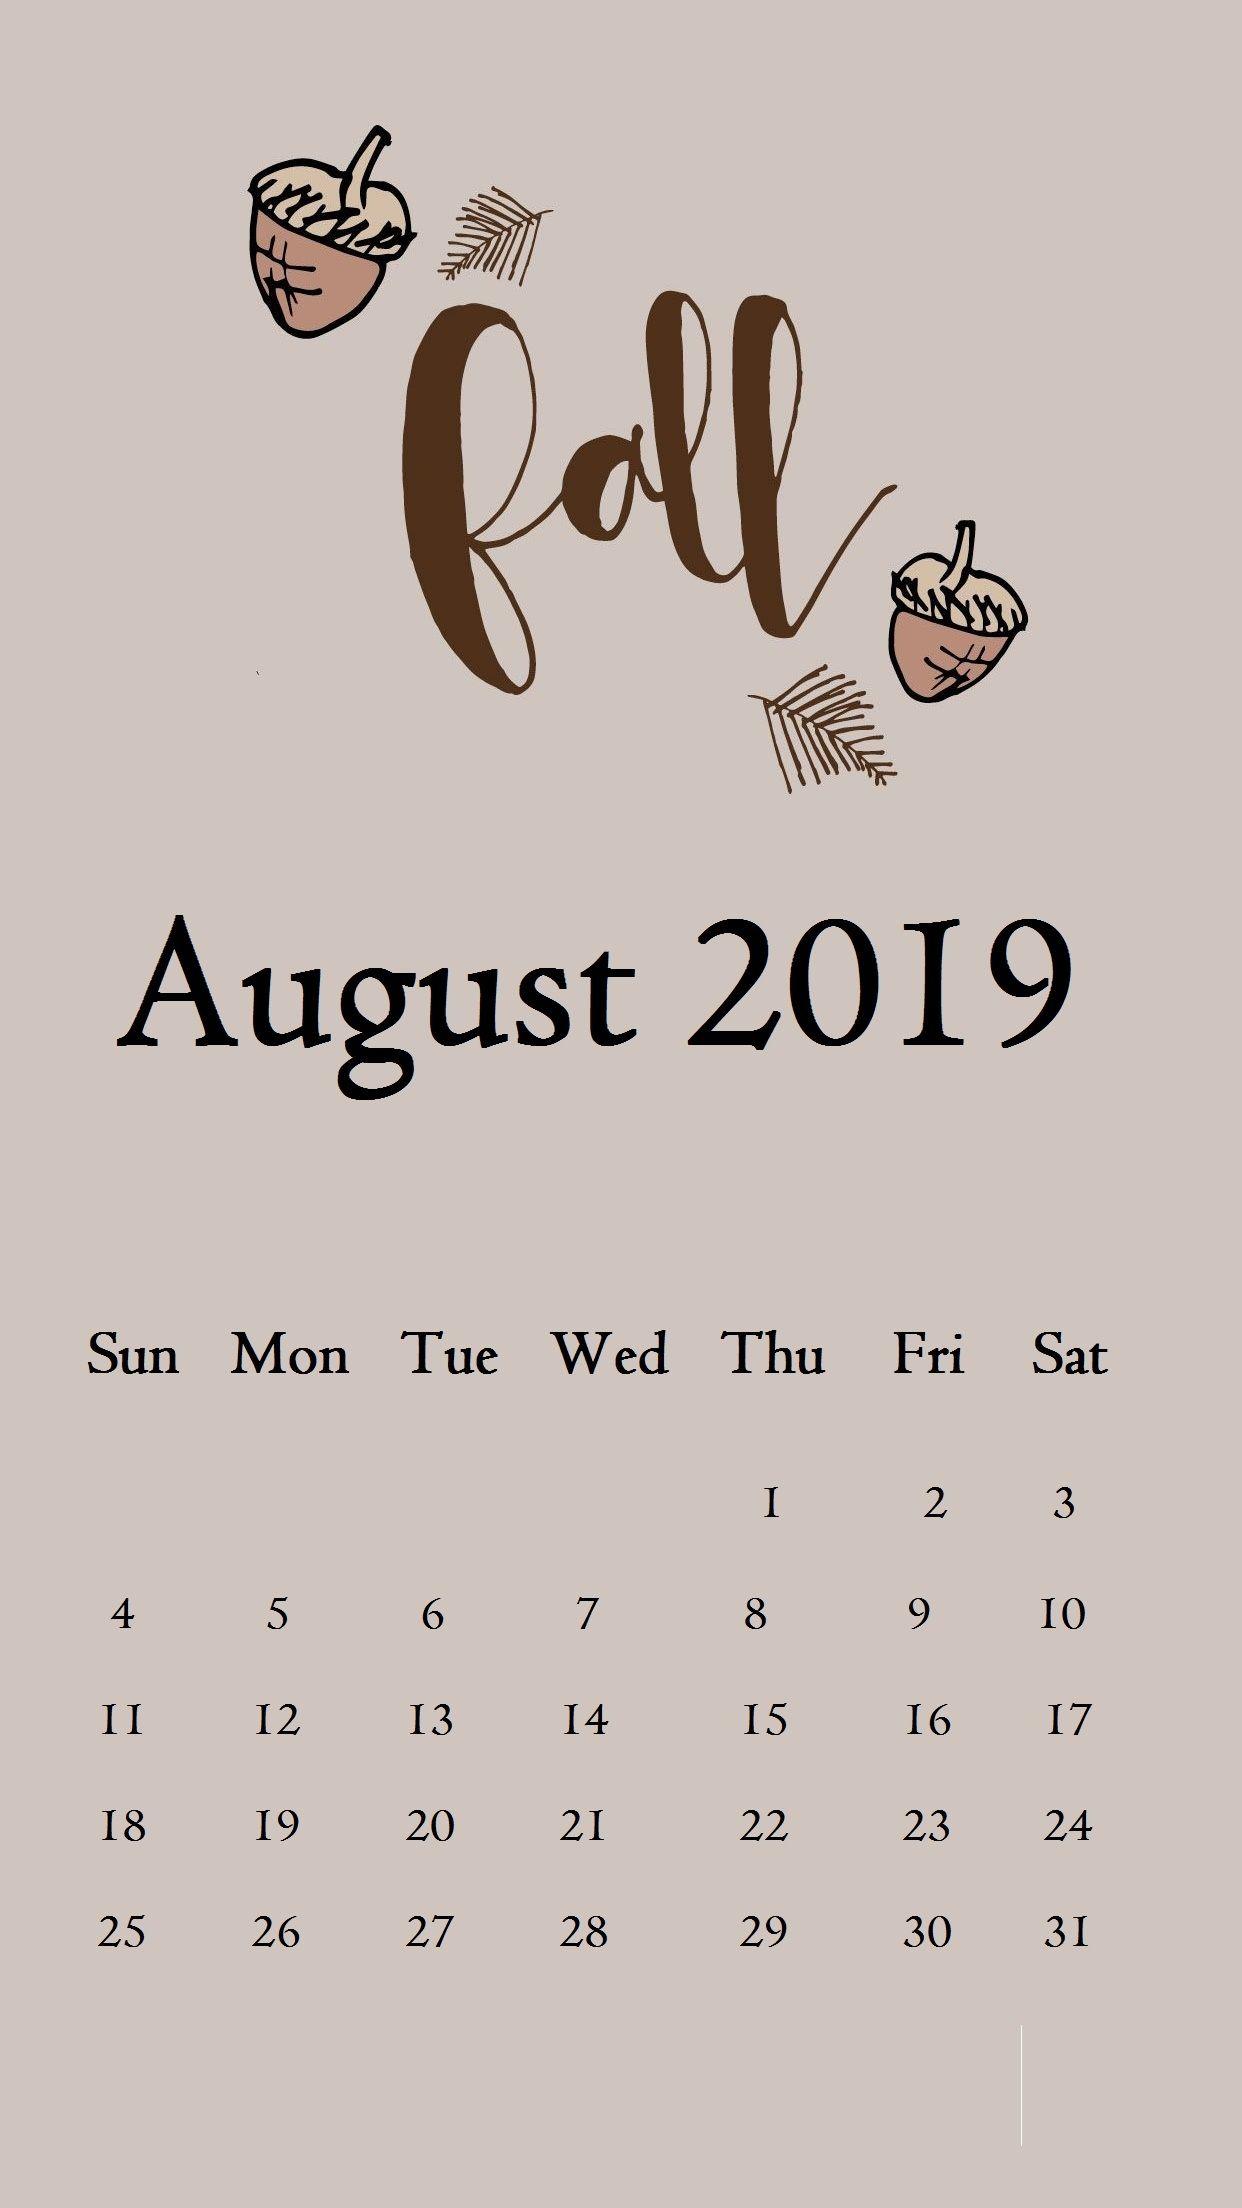 August 2019 Iphone Calendar Wallpaper Calendar 2019august 2019